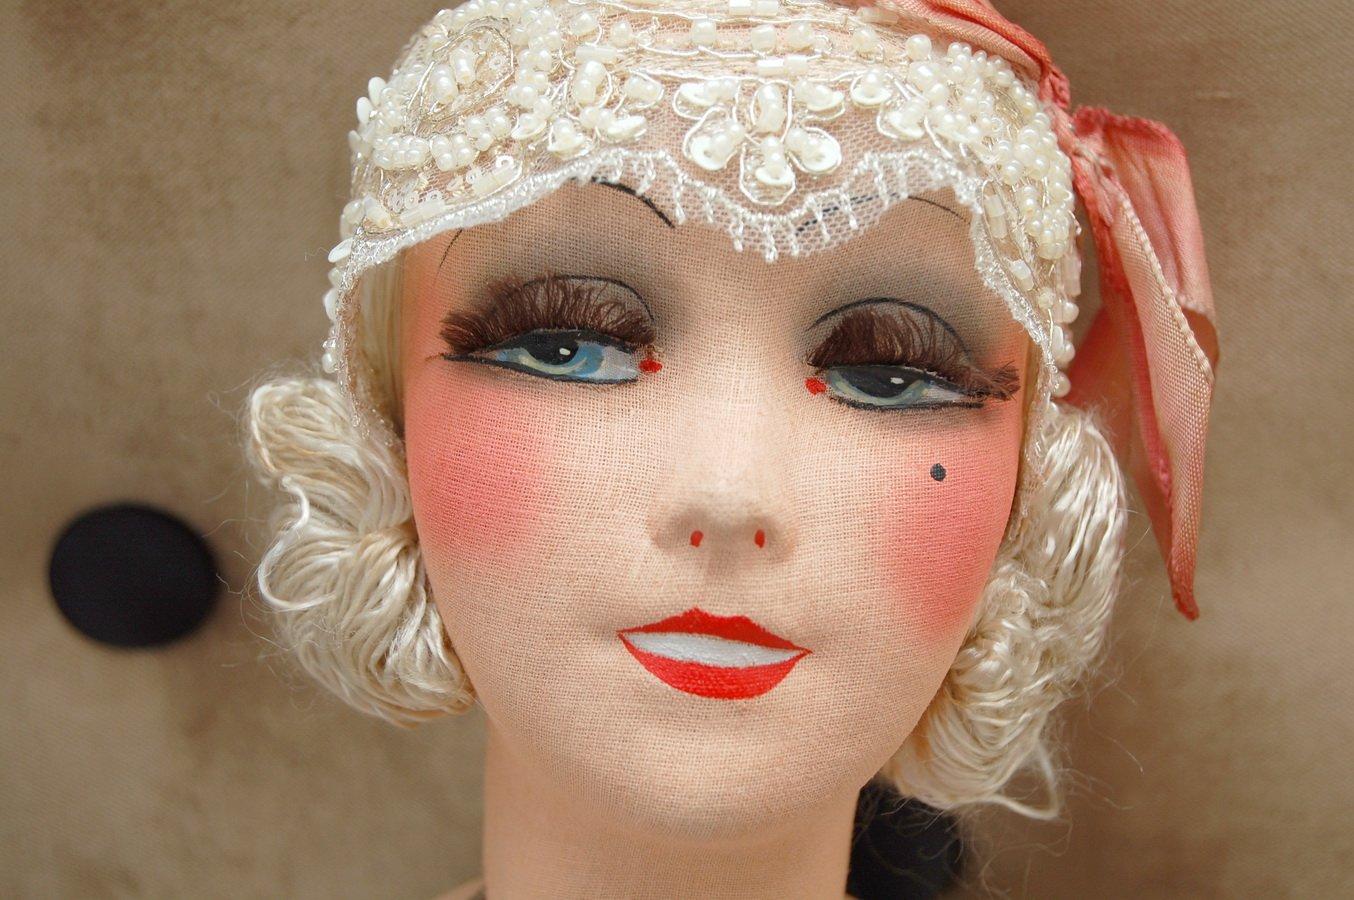 редкая антикварная будуарная кукла